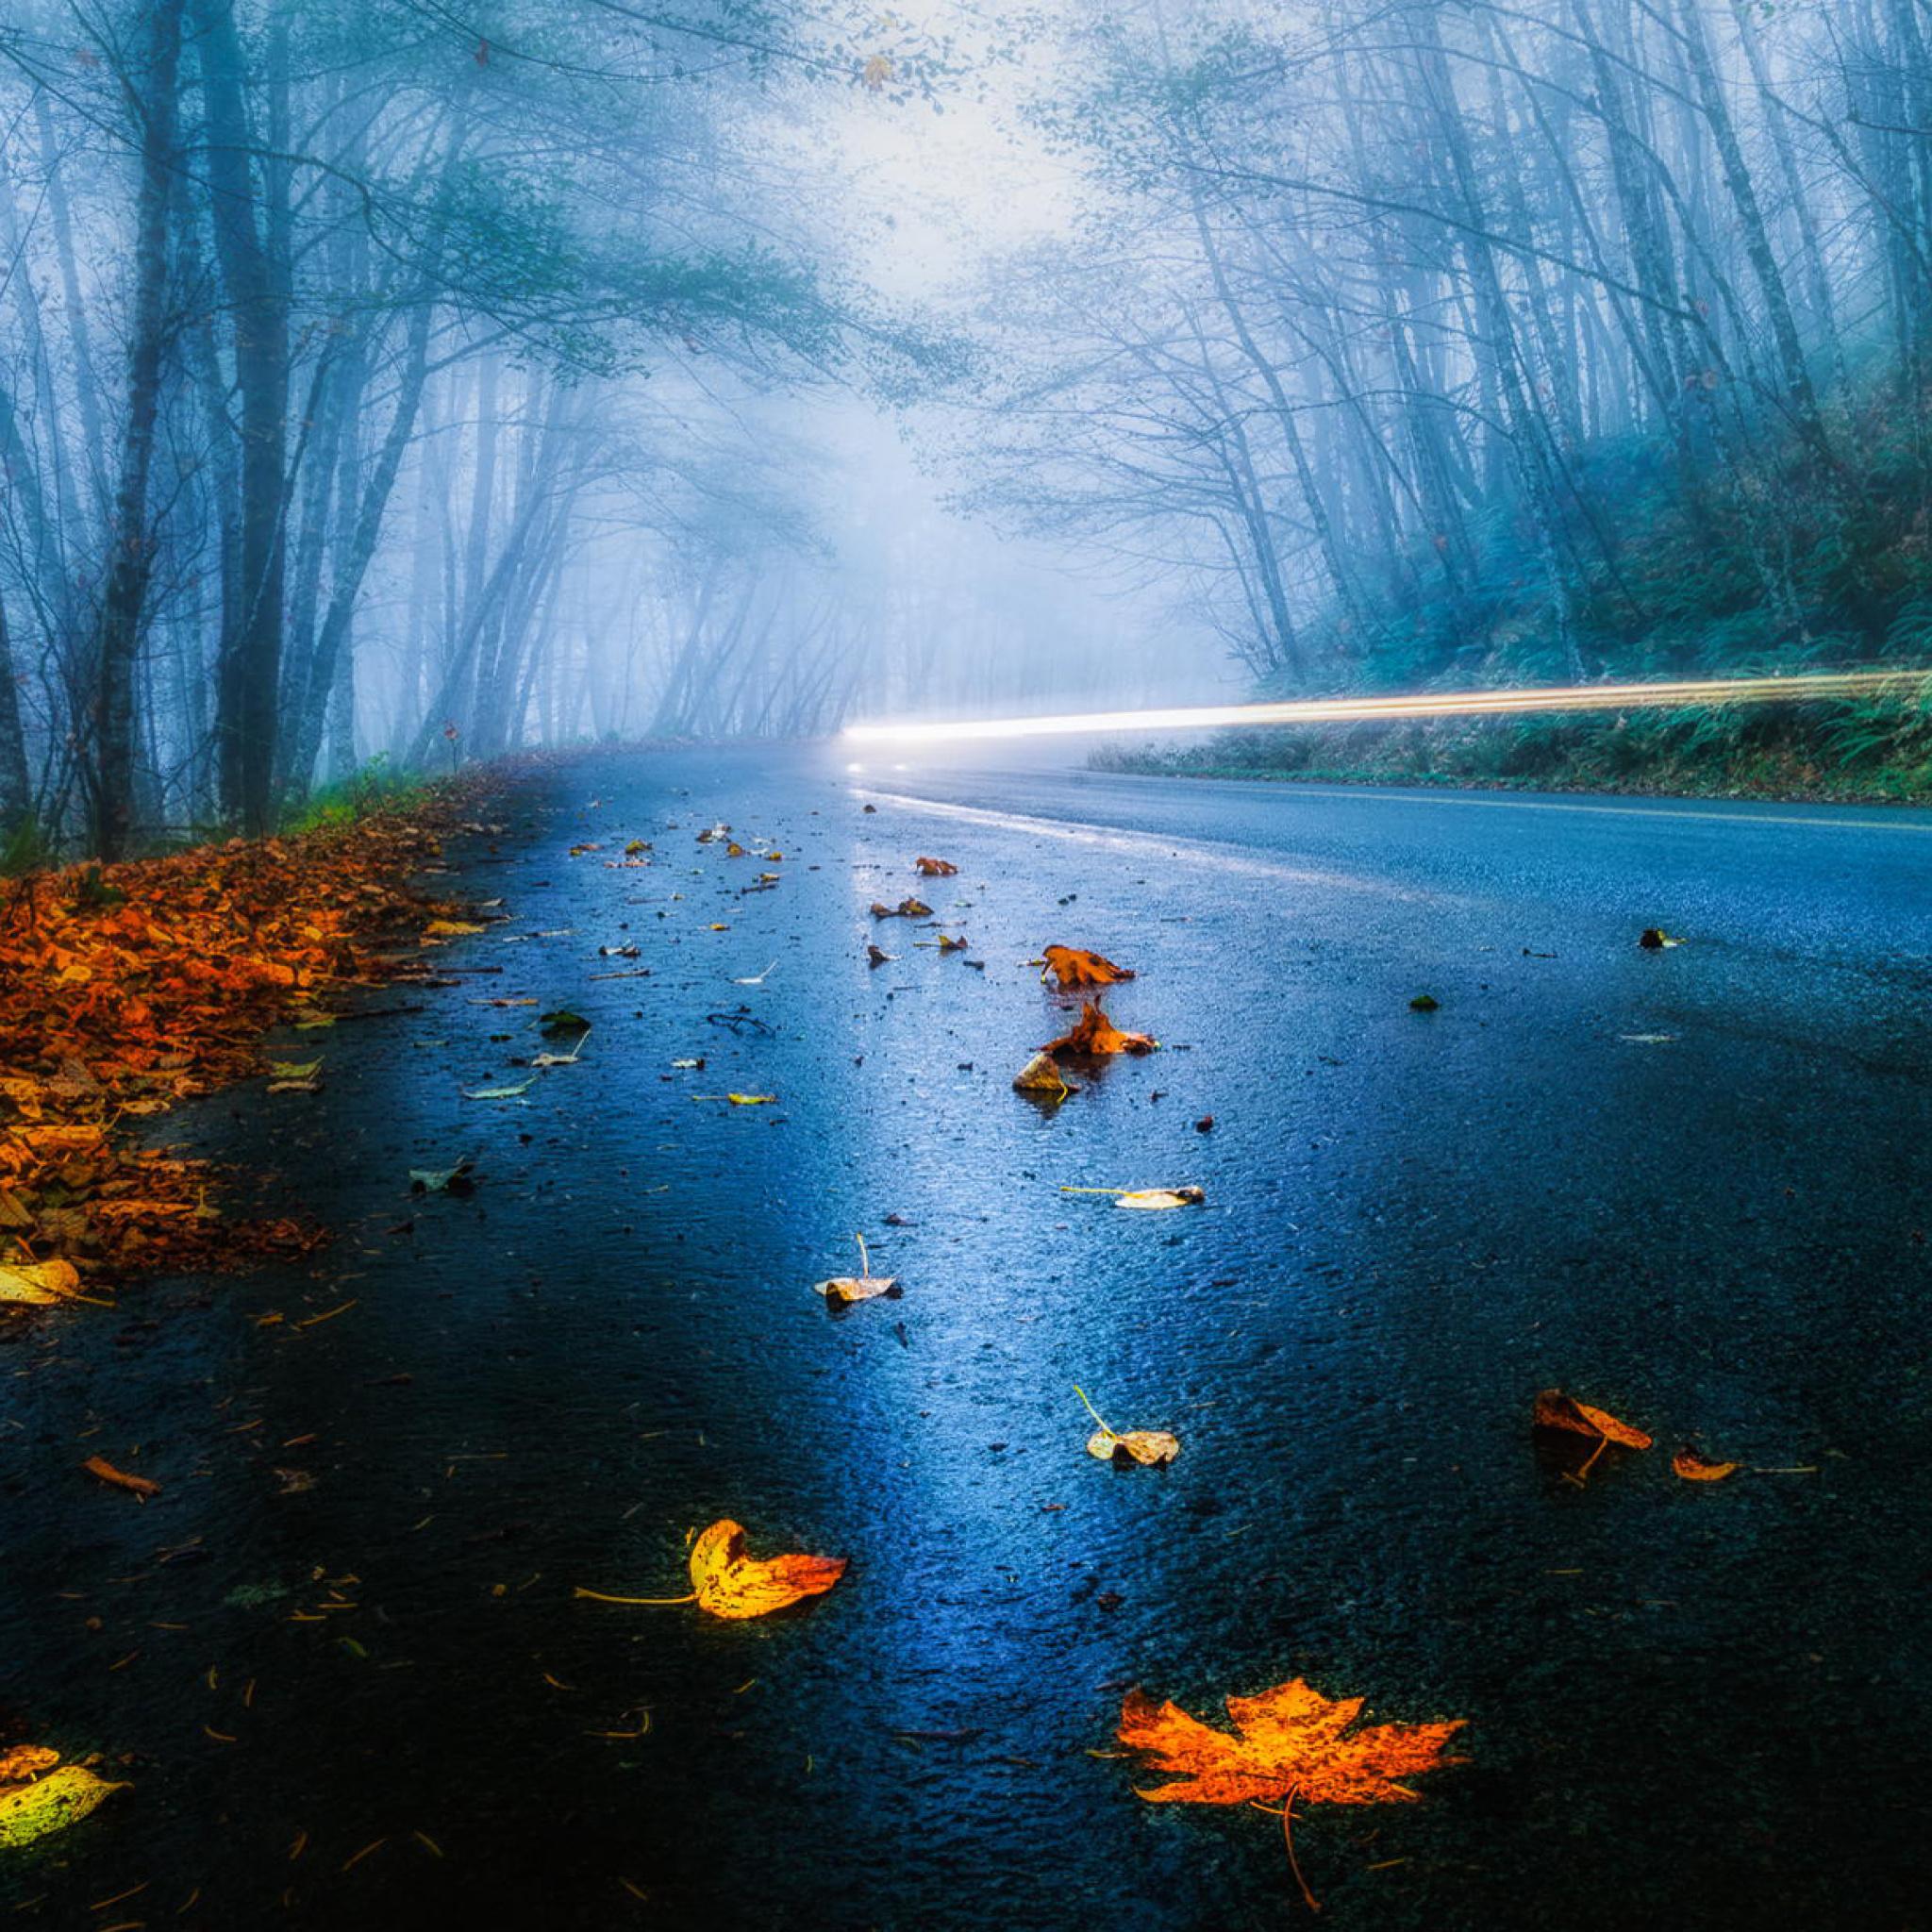 автомобиль осень лес дорога  № 3771408 загрузить